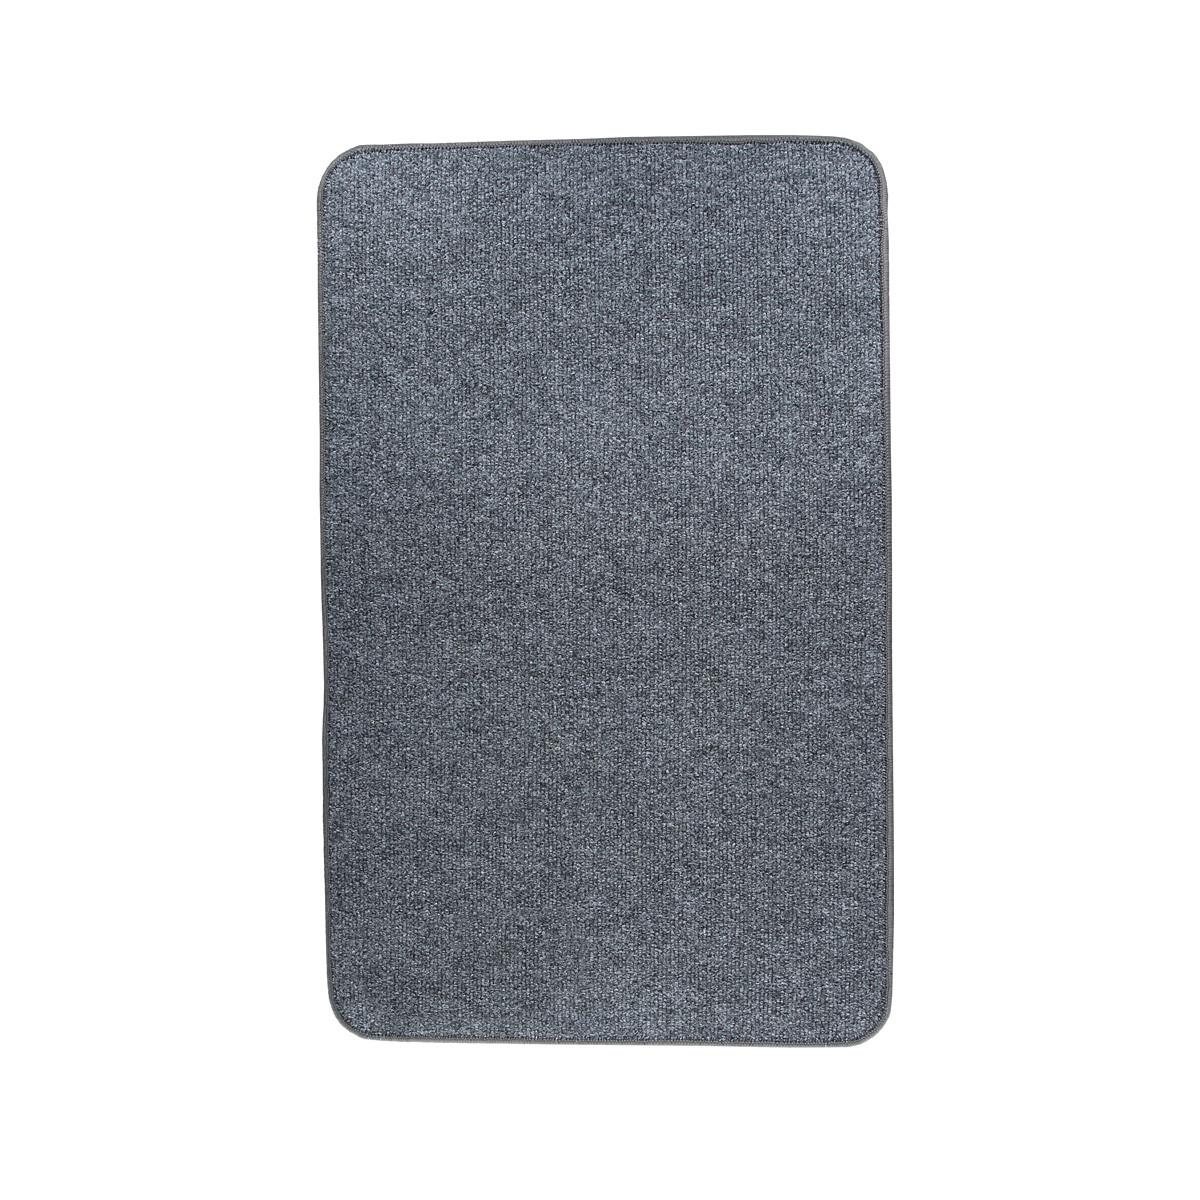 Электрический коврик с подогревом Теплик с термоизоляцией 50 х 80 см Темно-серый